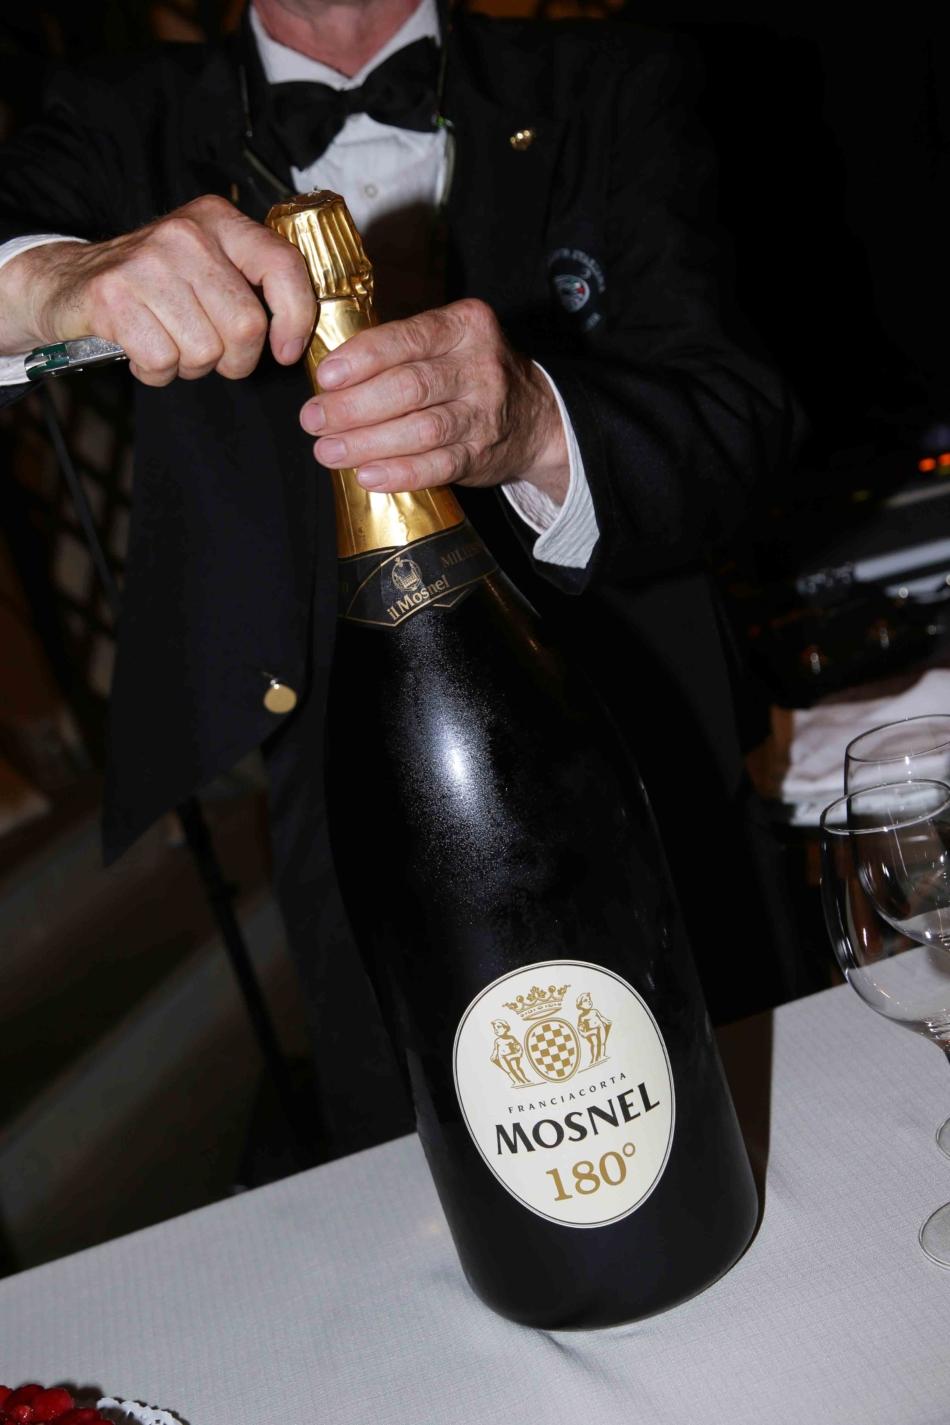 Mosnel festeggia i suoi primi 180 anni di vita 'col botto'